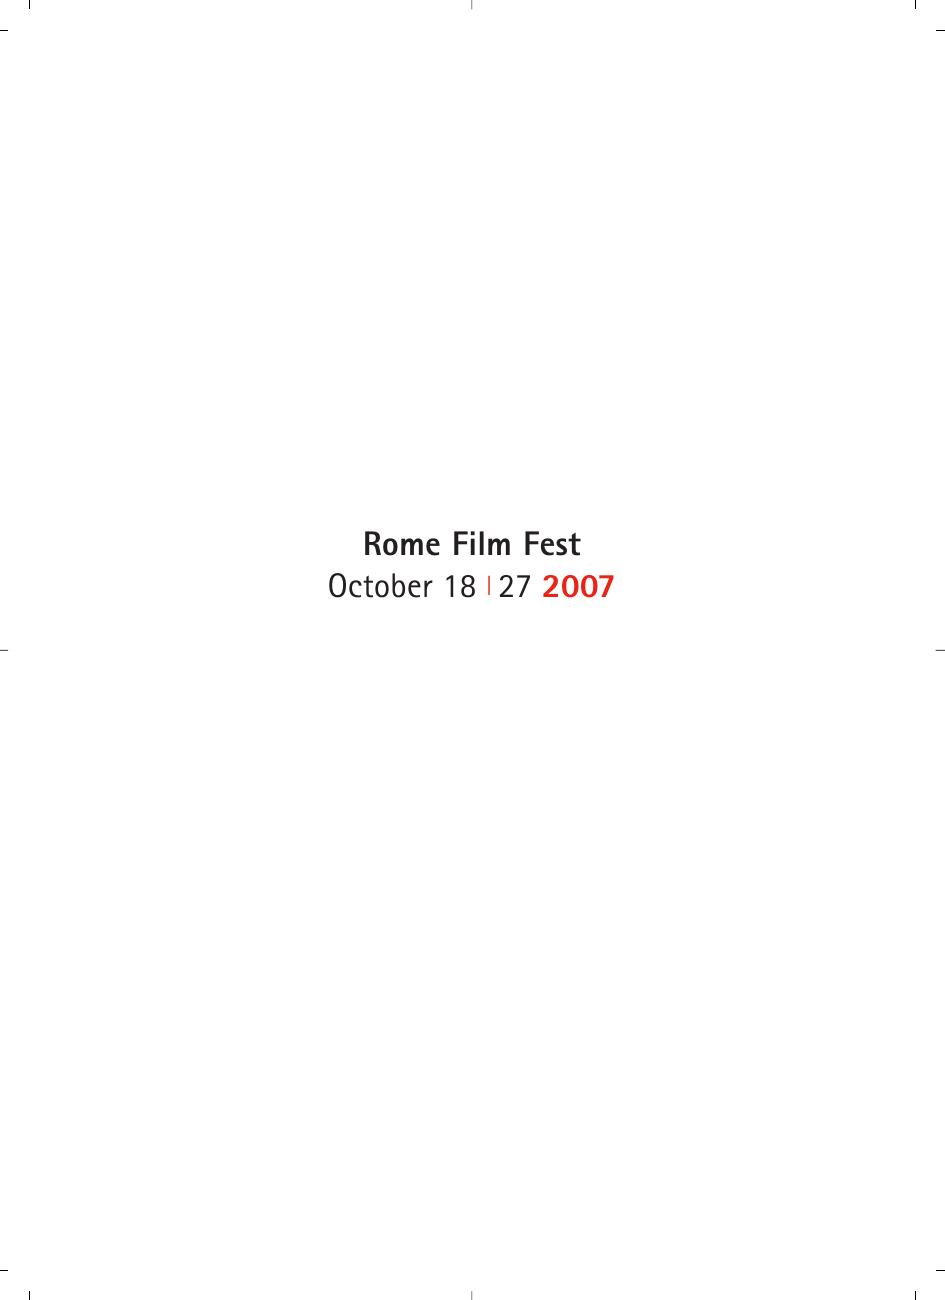 Studio Parisi E Associati Milano rome film fest october 18 | 27 2007 | manualzz